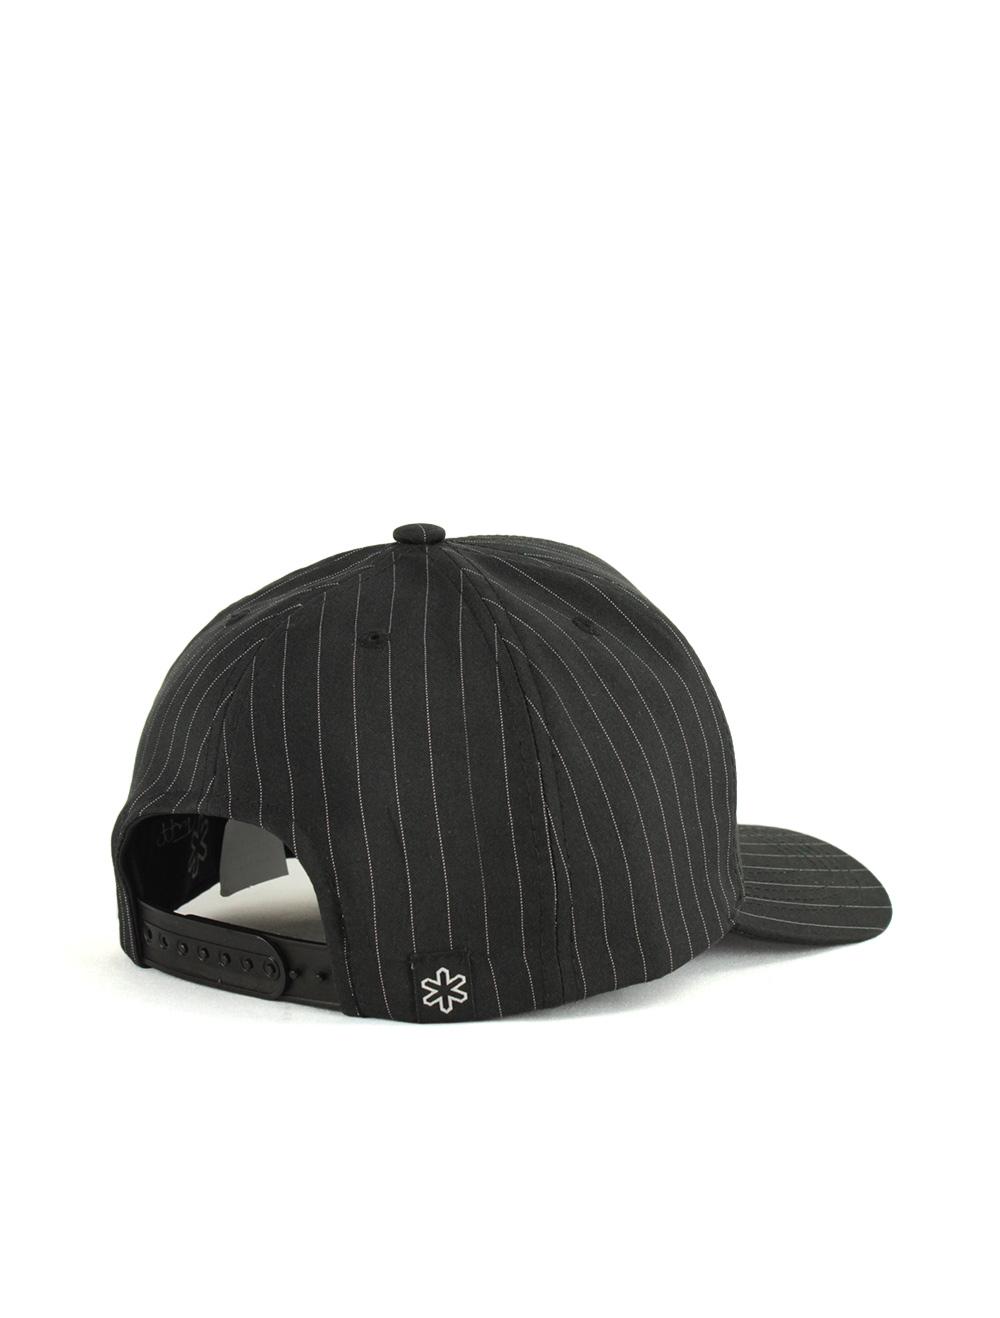 Boné Black Pinstripe Preto com Linhas Brancas